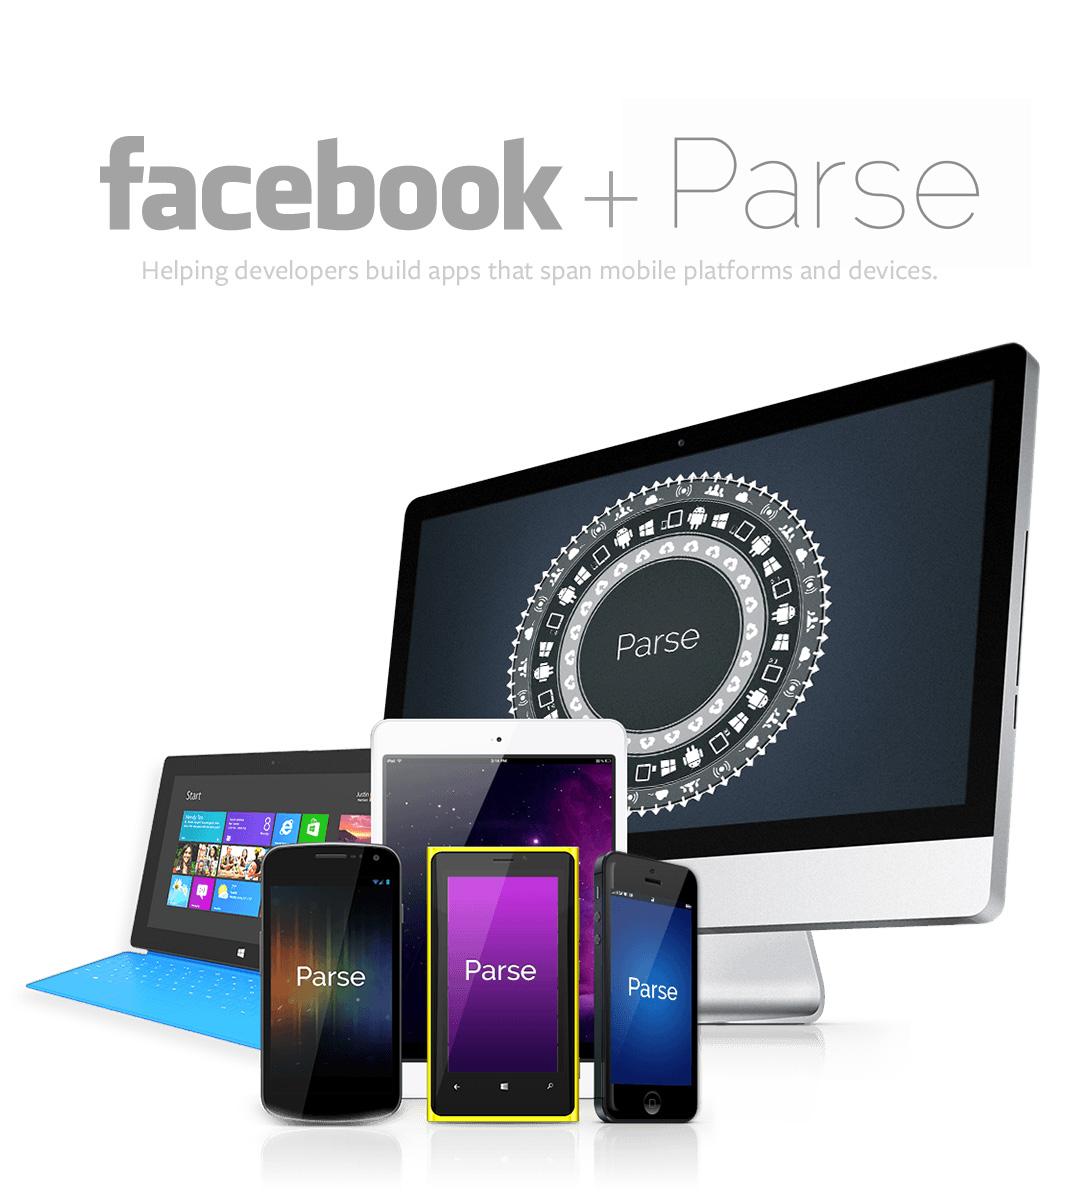 Facebook compra Parse para desarrollar aplicaciones móviles